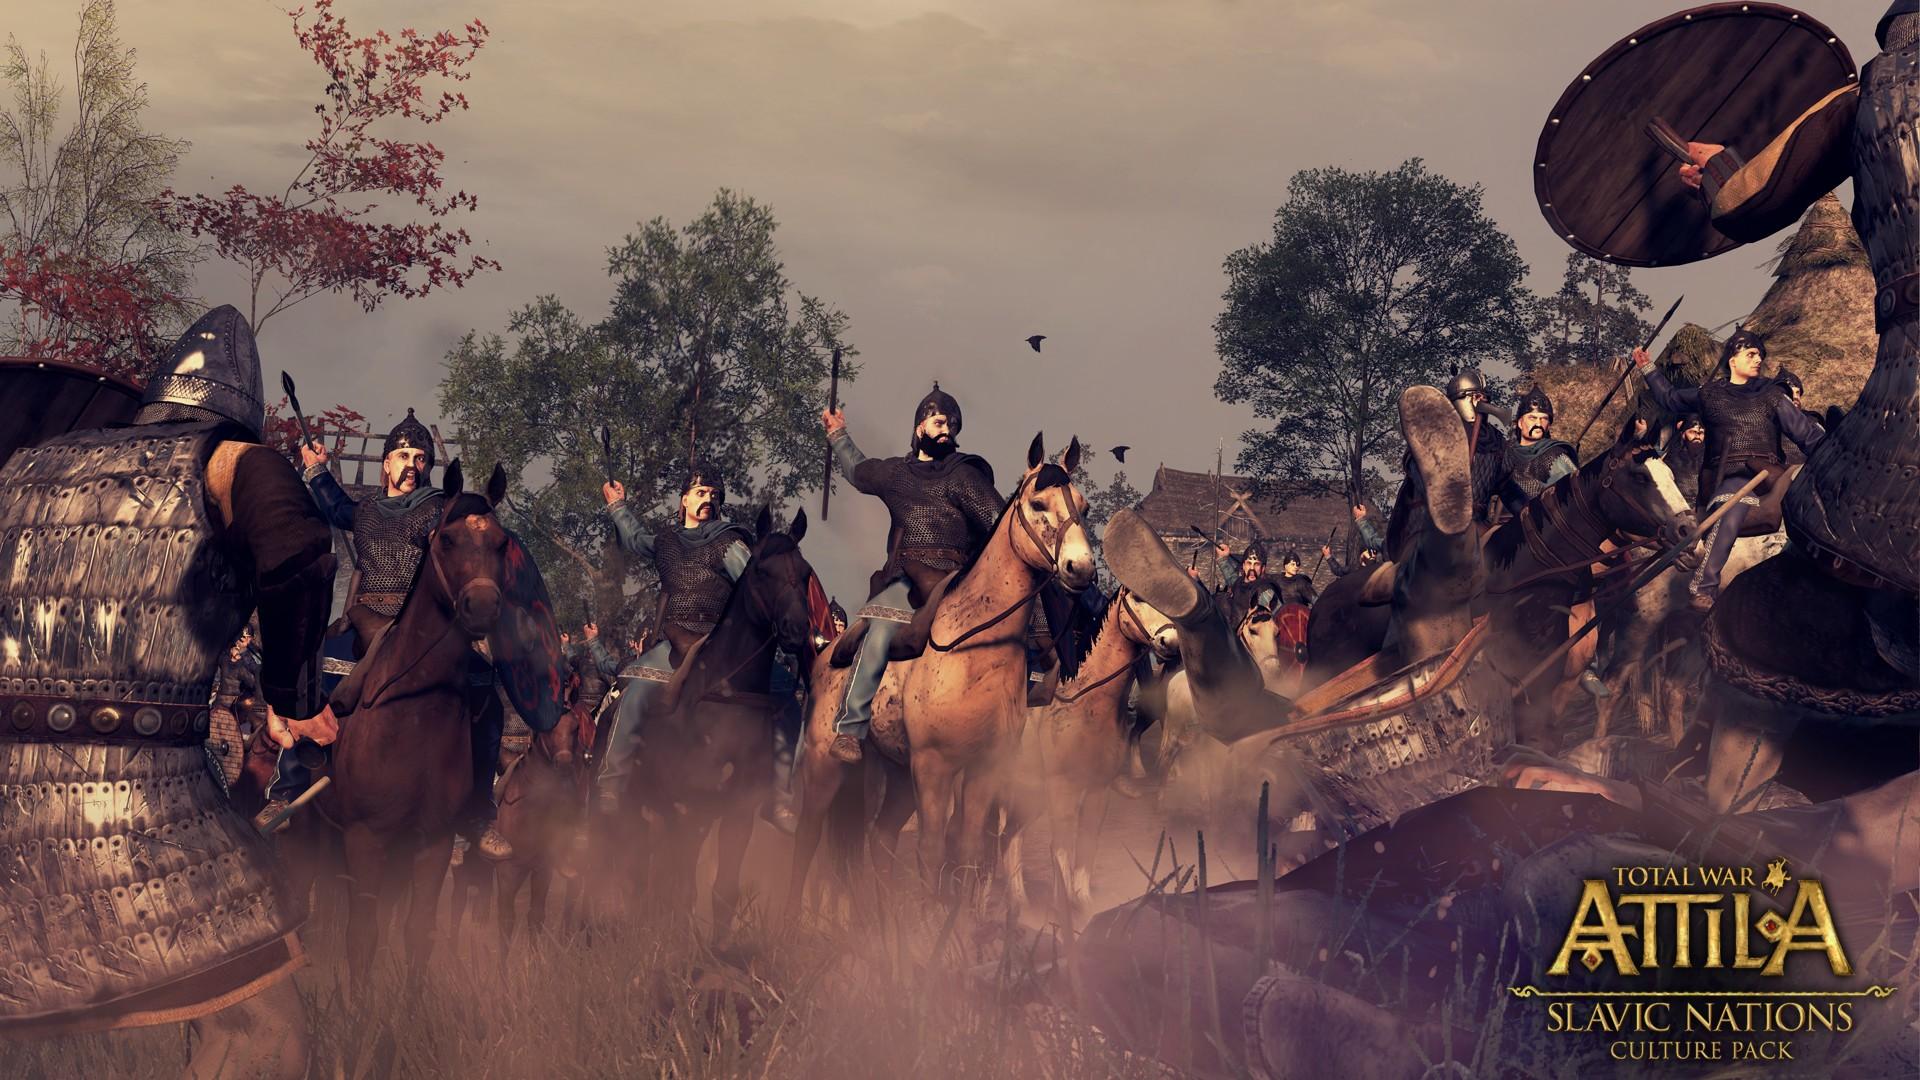 Total War: ATTILA - Slavic Nations Culture Pack Crack